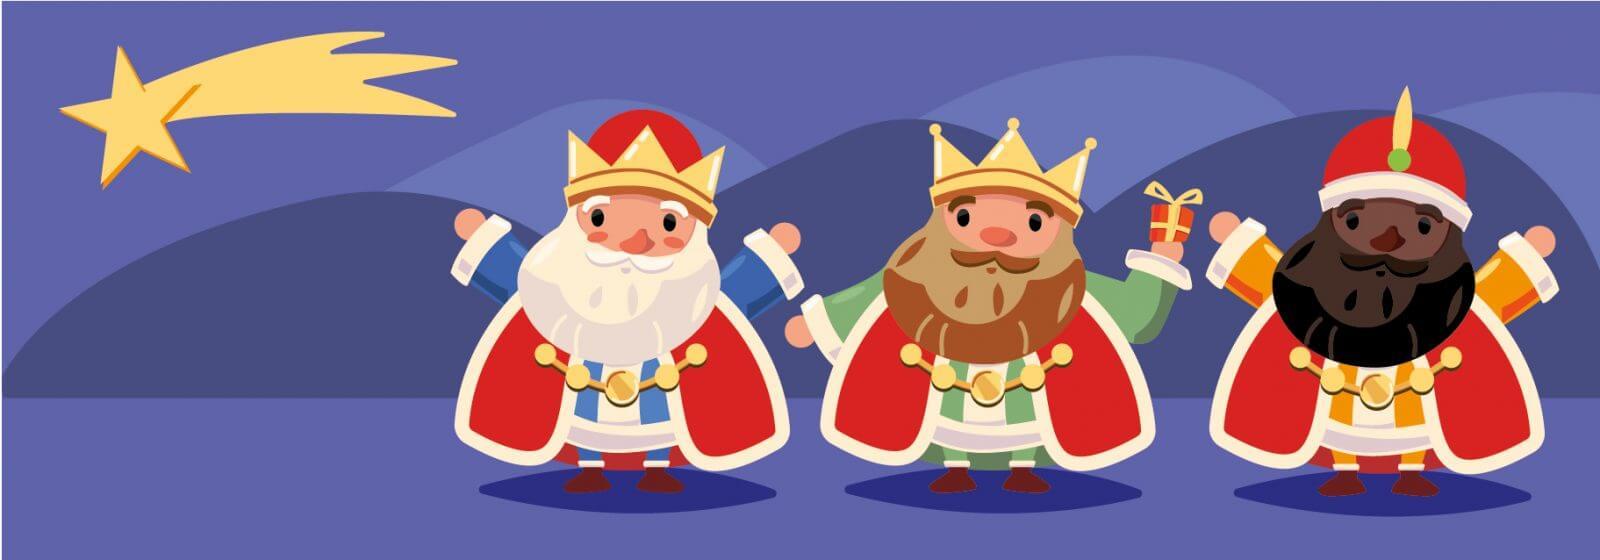 tres reyes magos 6 de enero